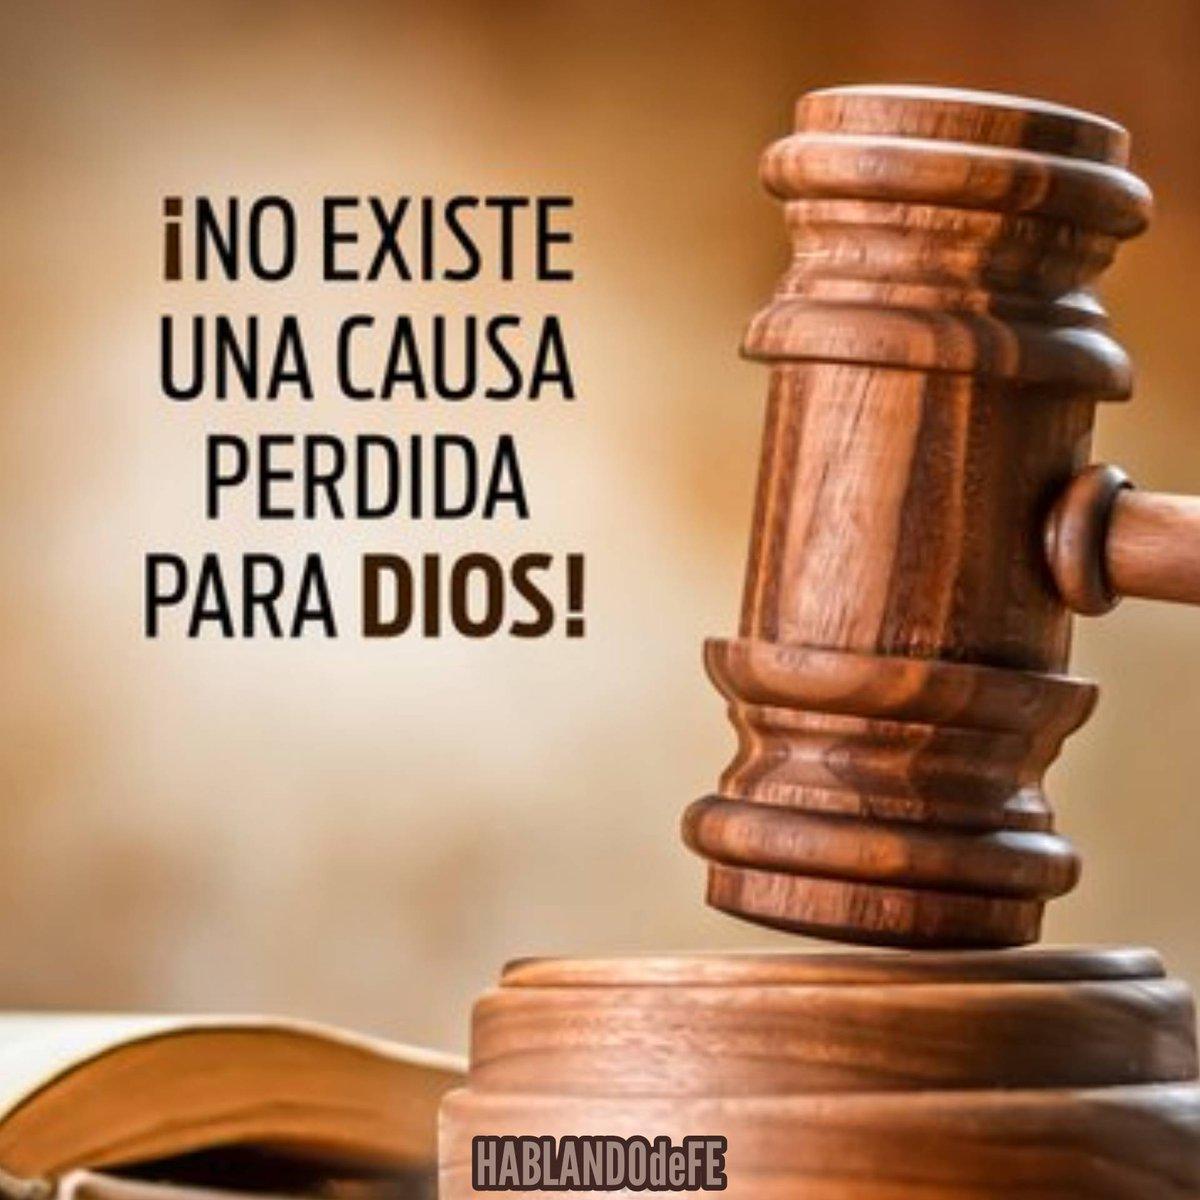 #No #Existir #Causa #Situacion #Problema #Perdida #Imposible #Dios #BuenasTardes #Bendiciones https://t.co/KY57USeGCx